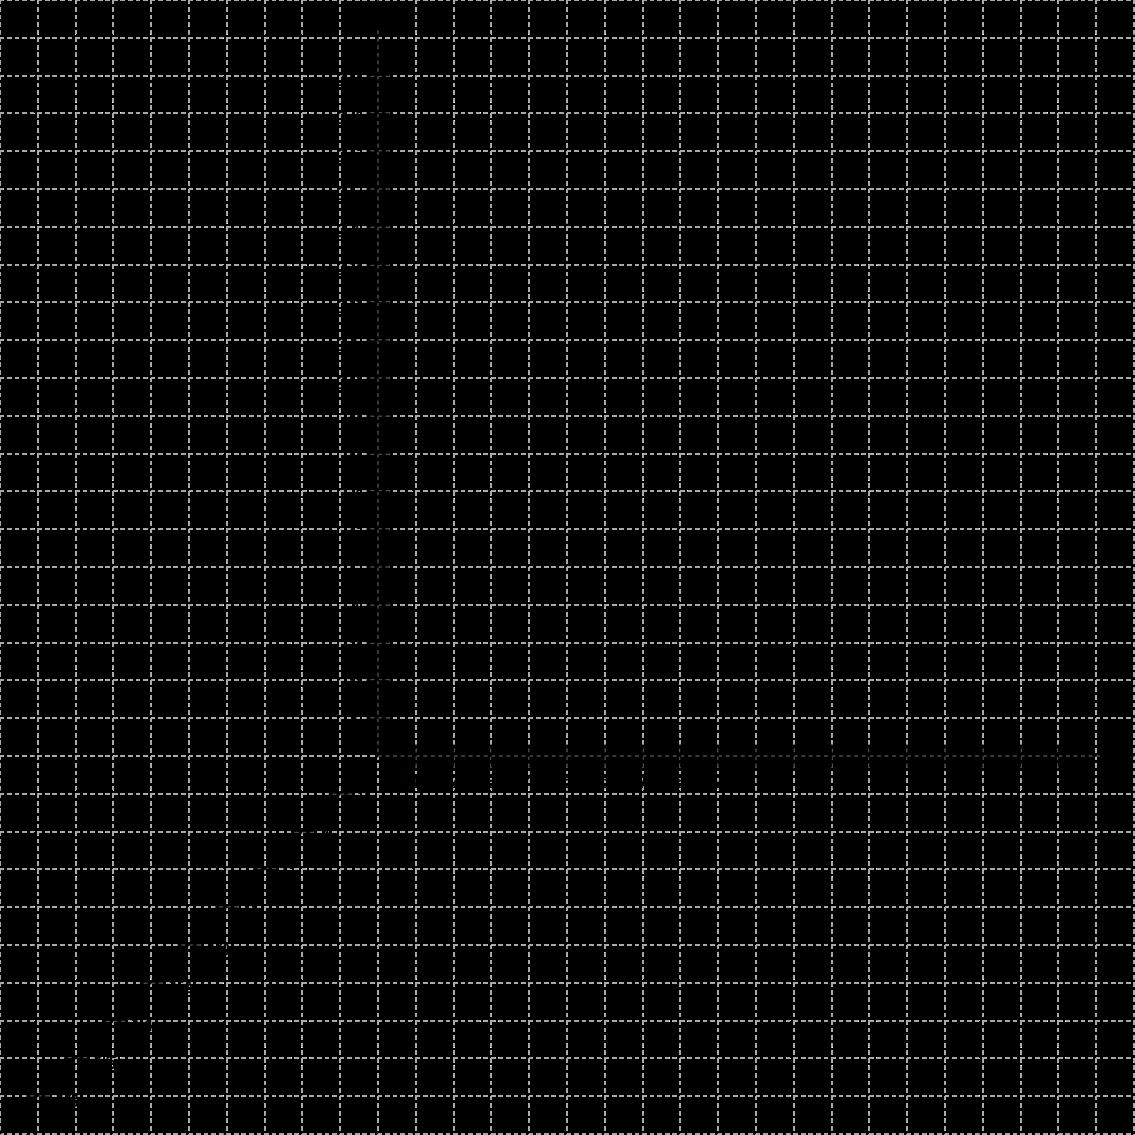 Arbeitsblatt Koordinatensystem Lagu : D koordinatensystem generator